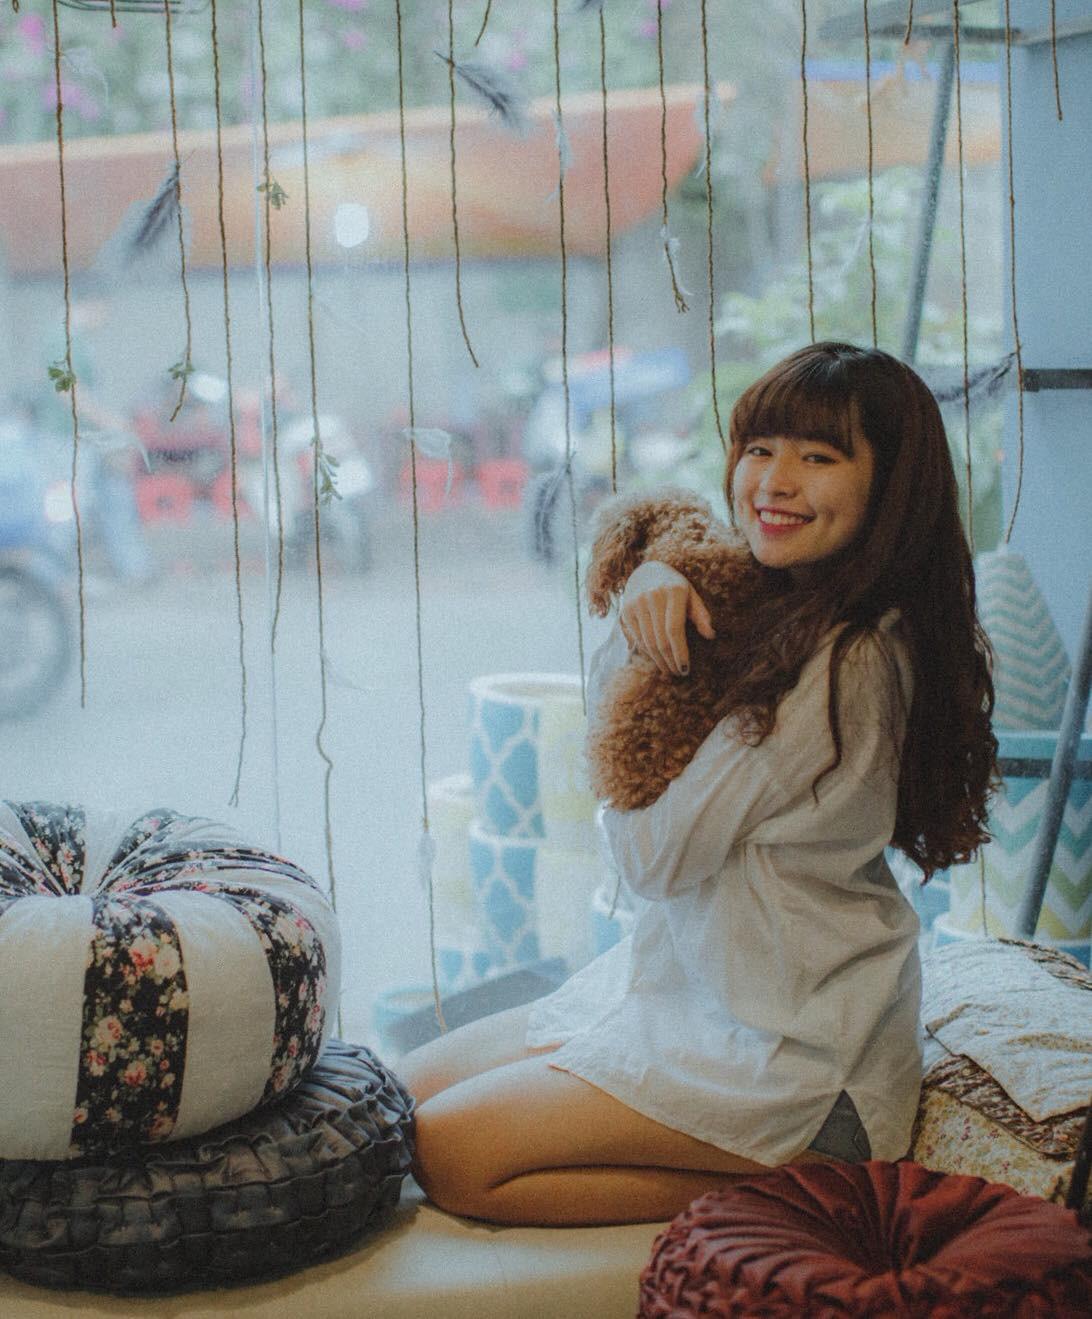 Ngoài hoa hậu HHen Niê, Đắk Lắk còn là quê hương của rất nhiều cô nàng xinh không phải dạng vừa - Ảnh 13.